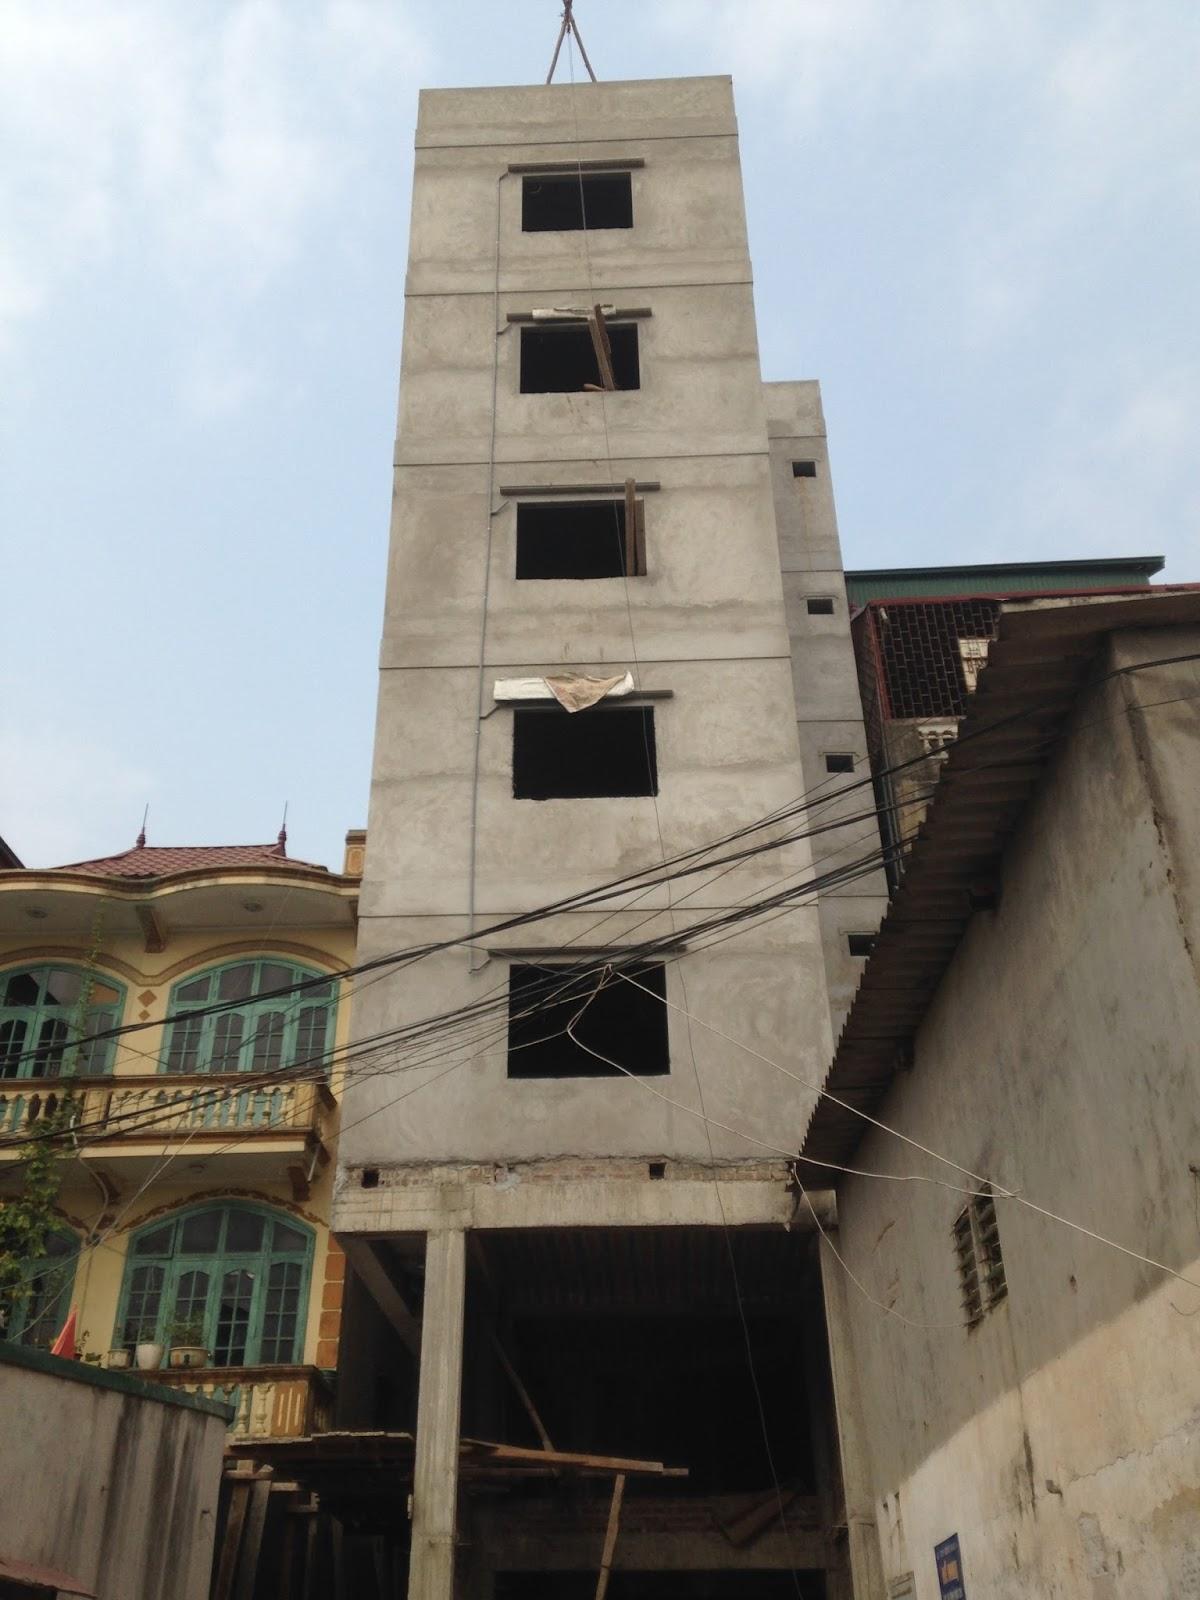 Tòa chung cư mini Minh Đại Lộc 2 đang đi vào hoàn thiện bên trong